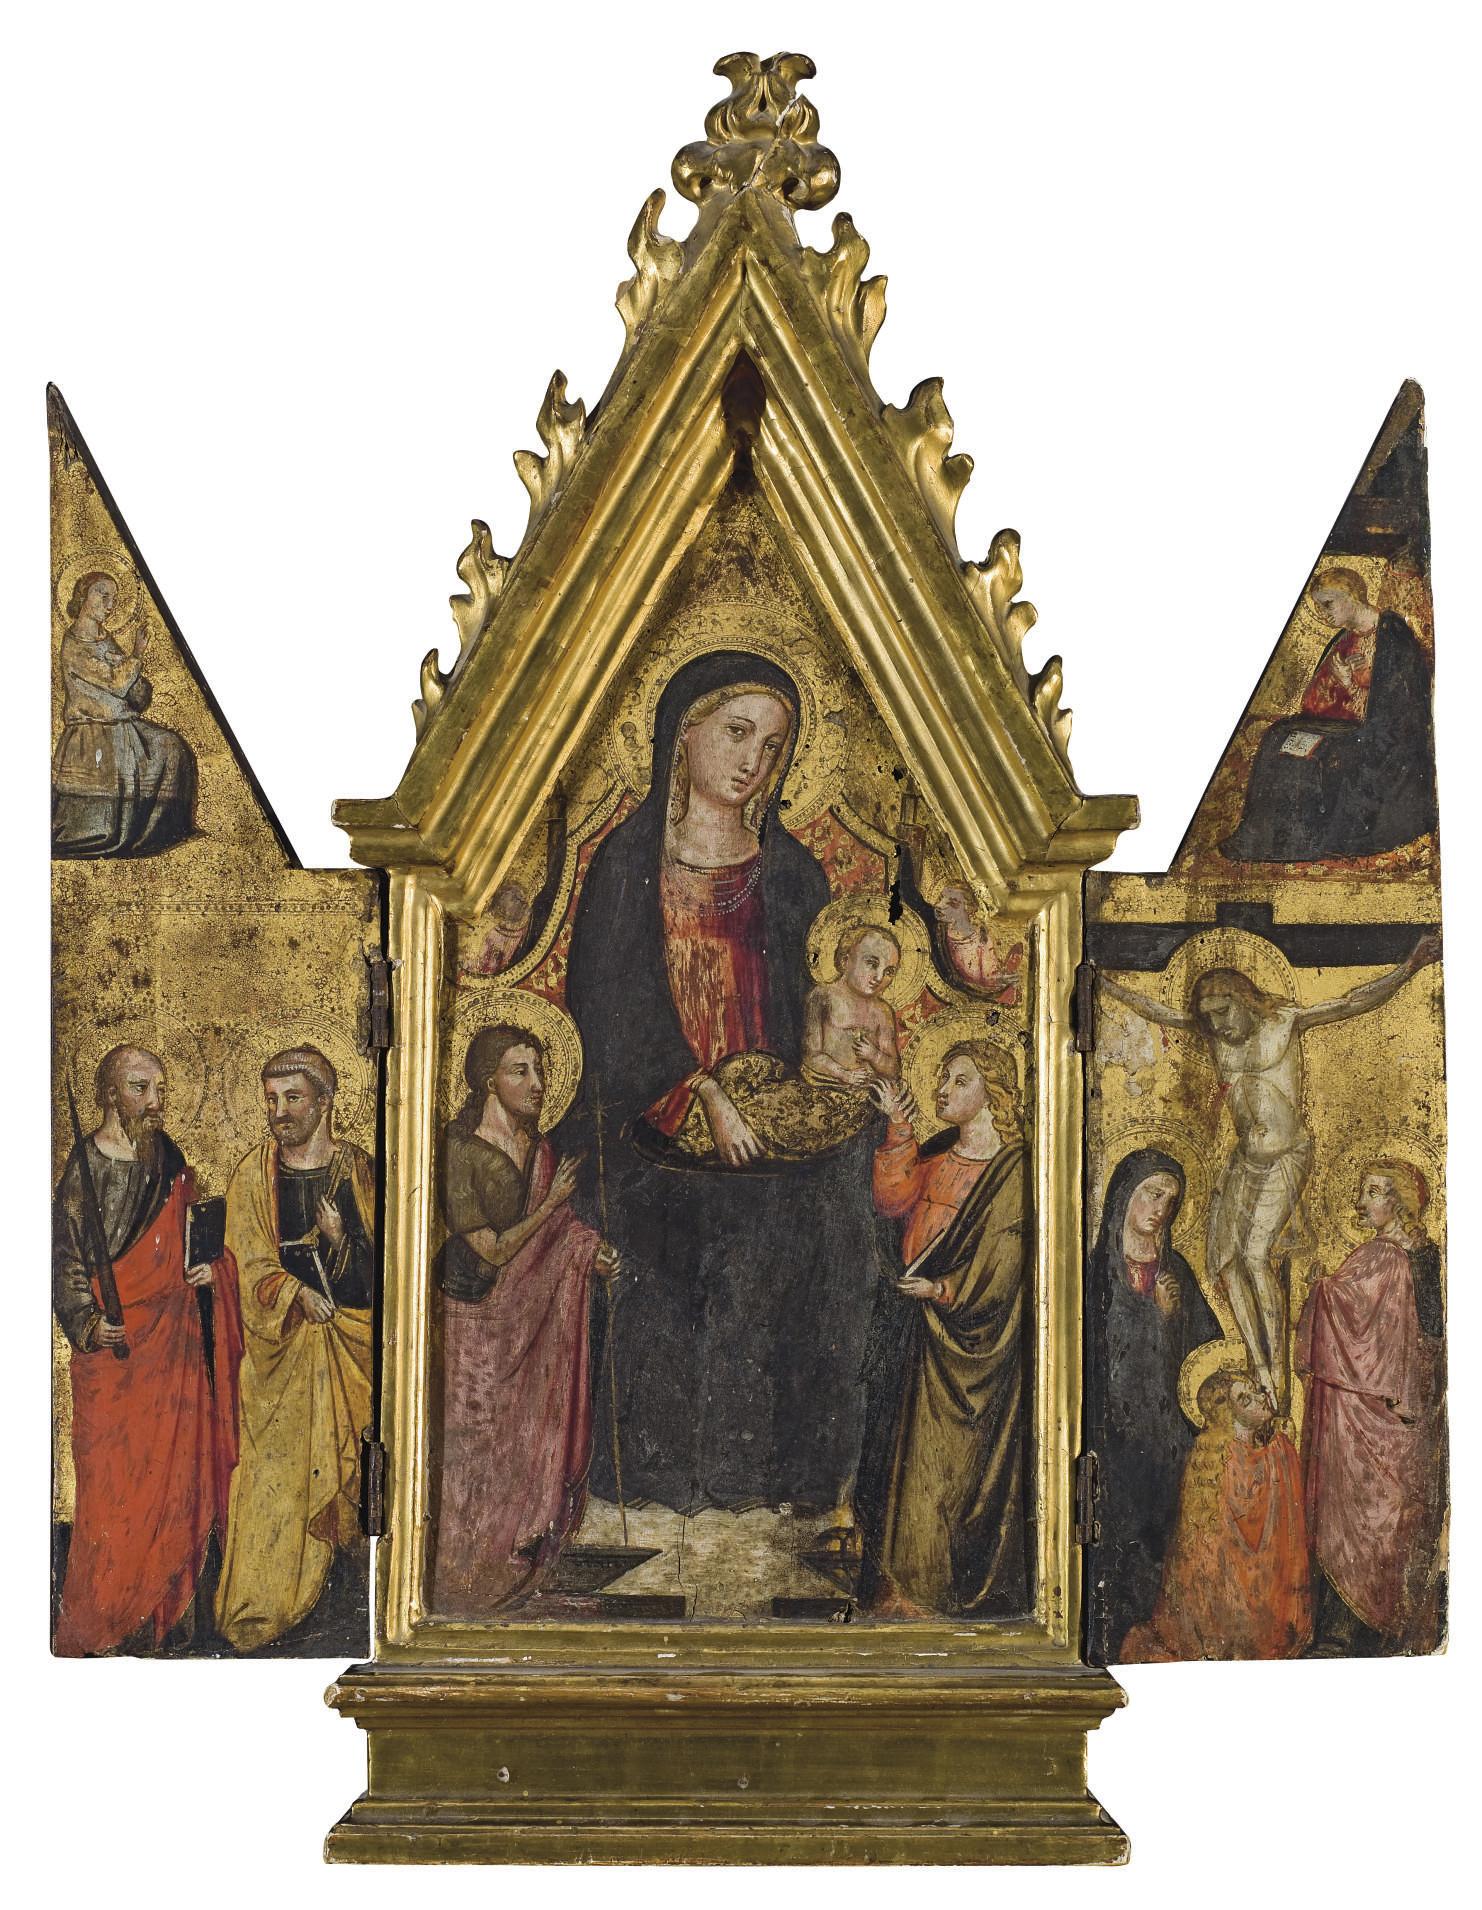 Triptyque : Vierge à l'Enfant avec saint Jean-Baptiste et saint Jean (panneau central) ; La Crucifixion (volet de droite) ; Saint Pierre et saint Paul (volet de gauche)